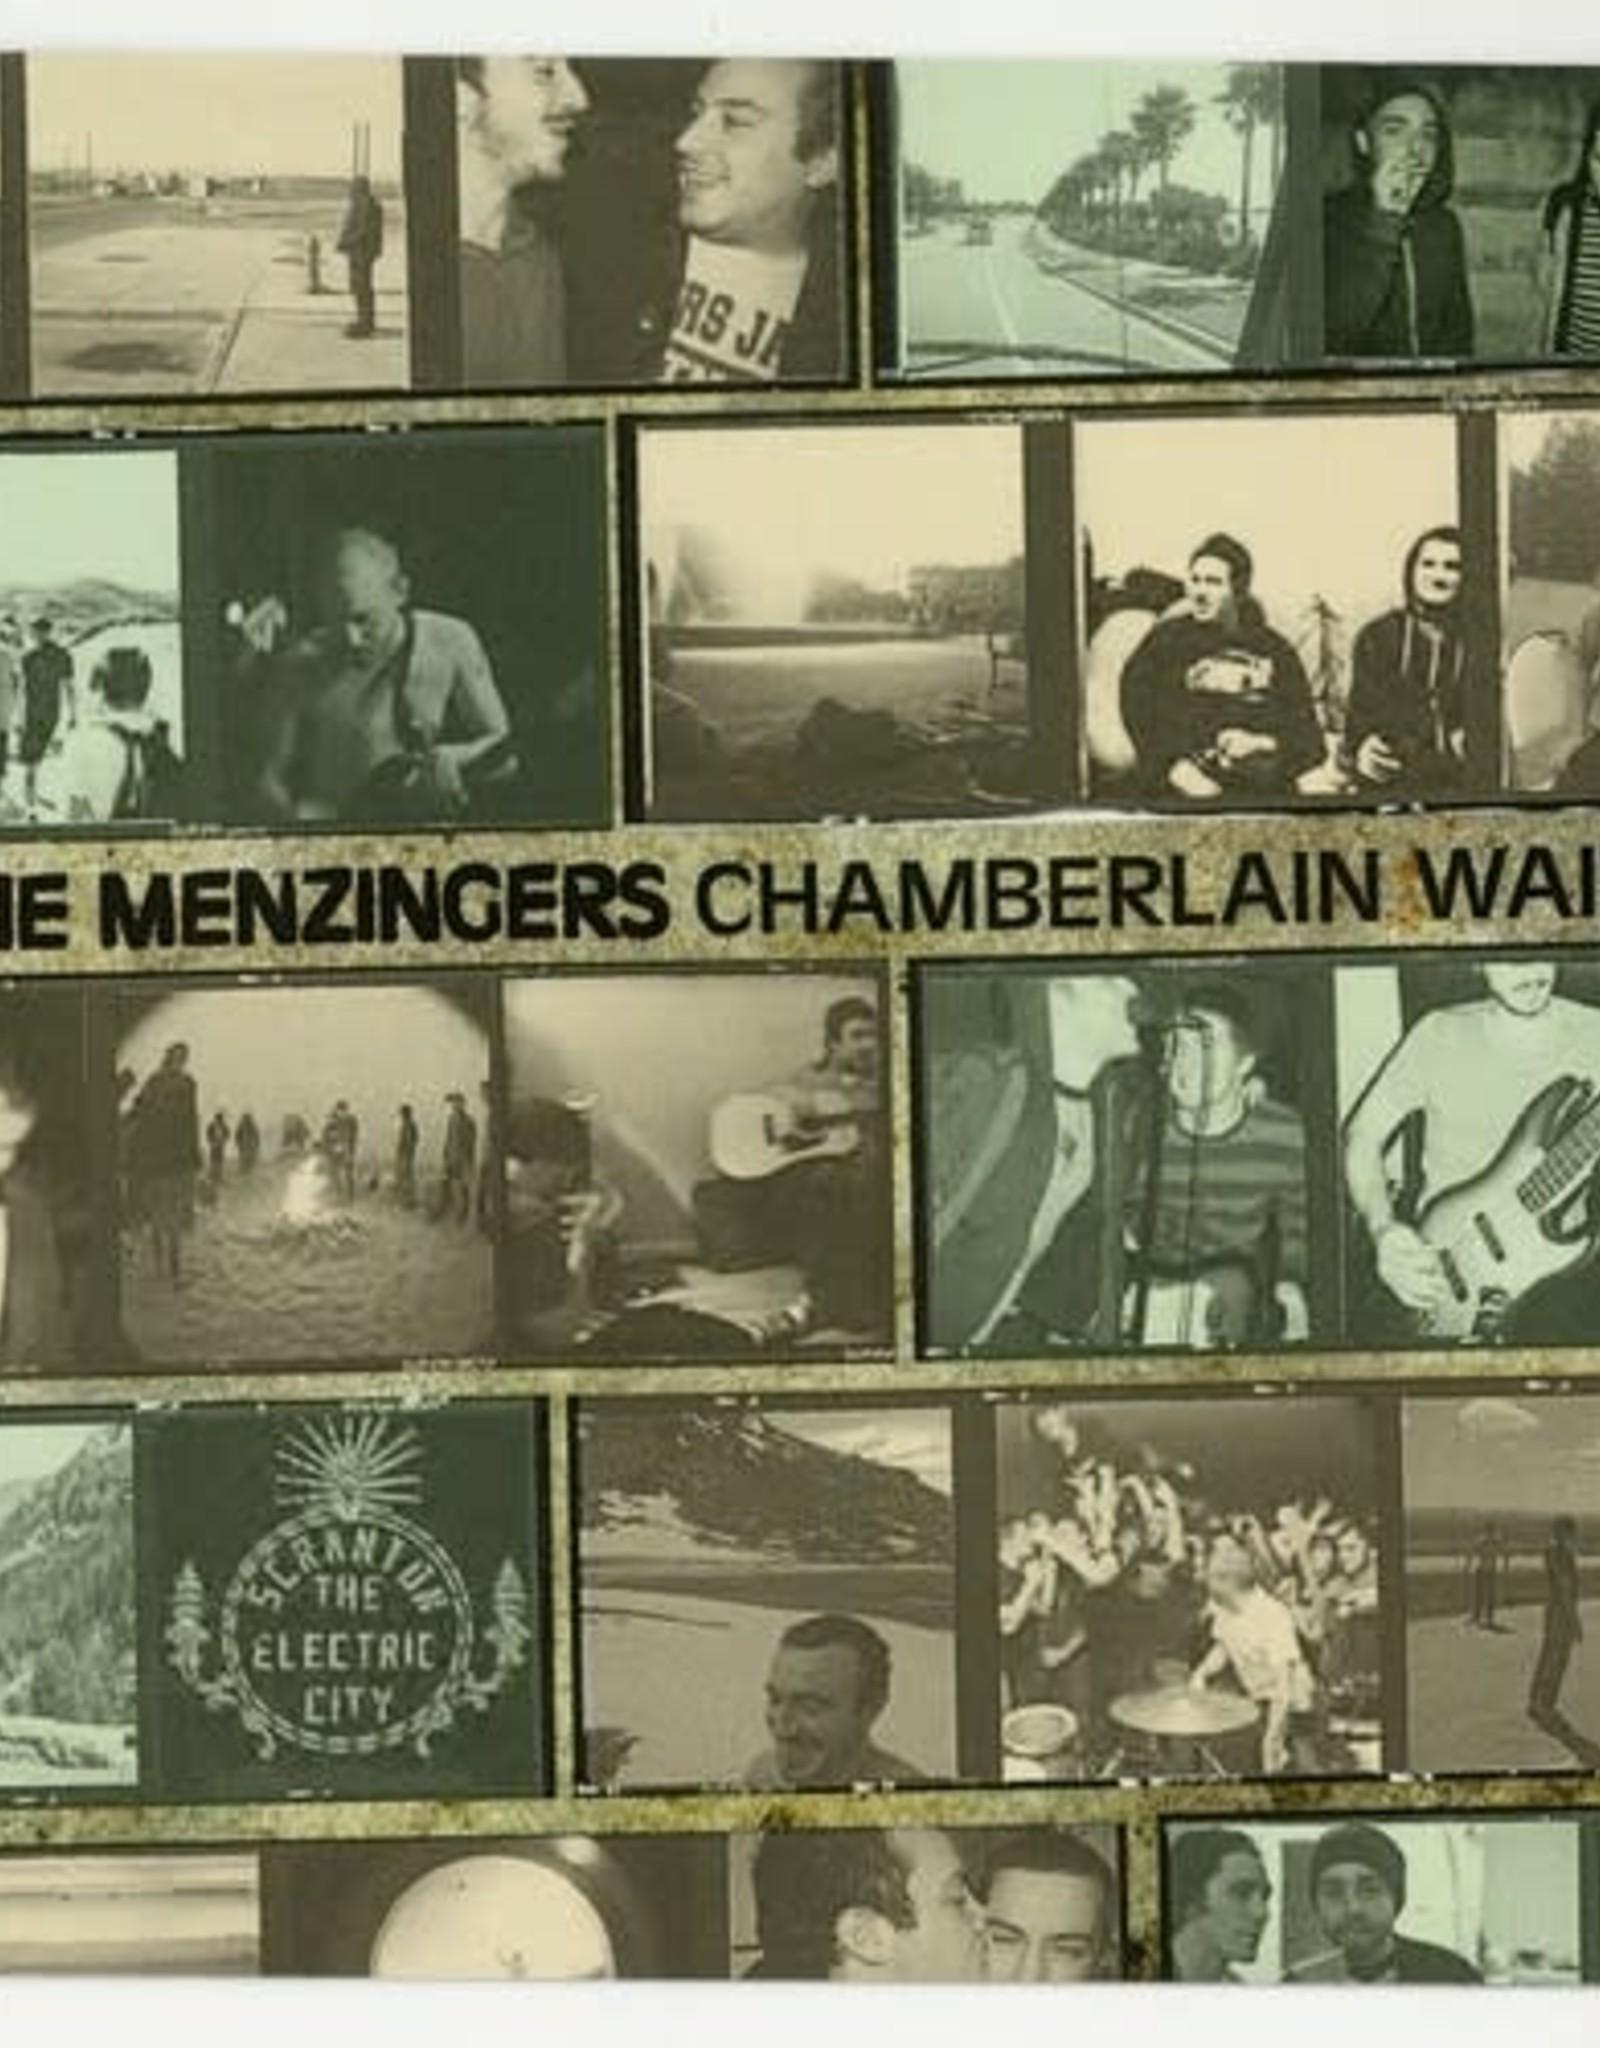 Menzingers - Chamberlain Waits